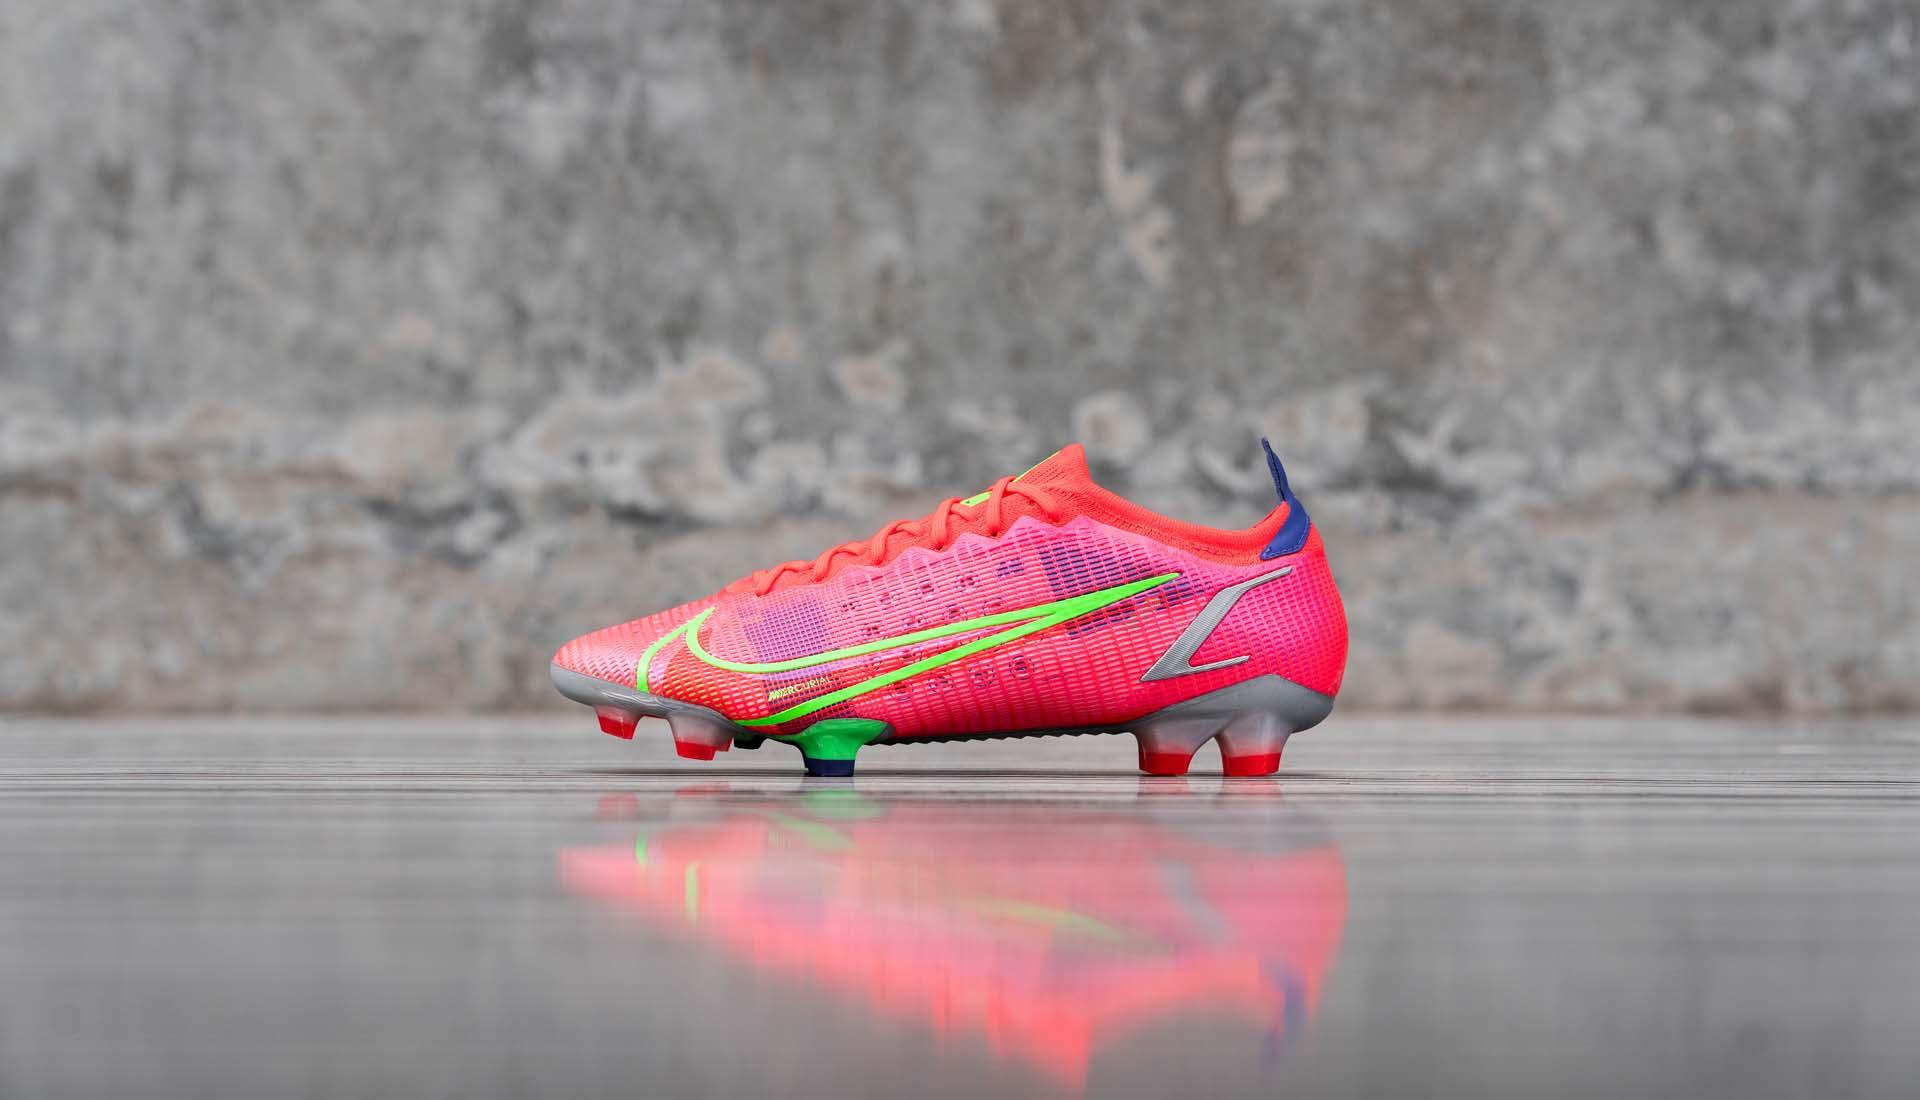 Giày đá bóng Nike Mercurial Vapor 14